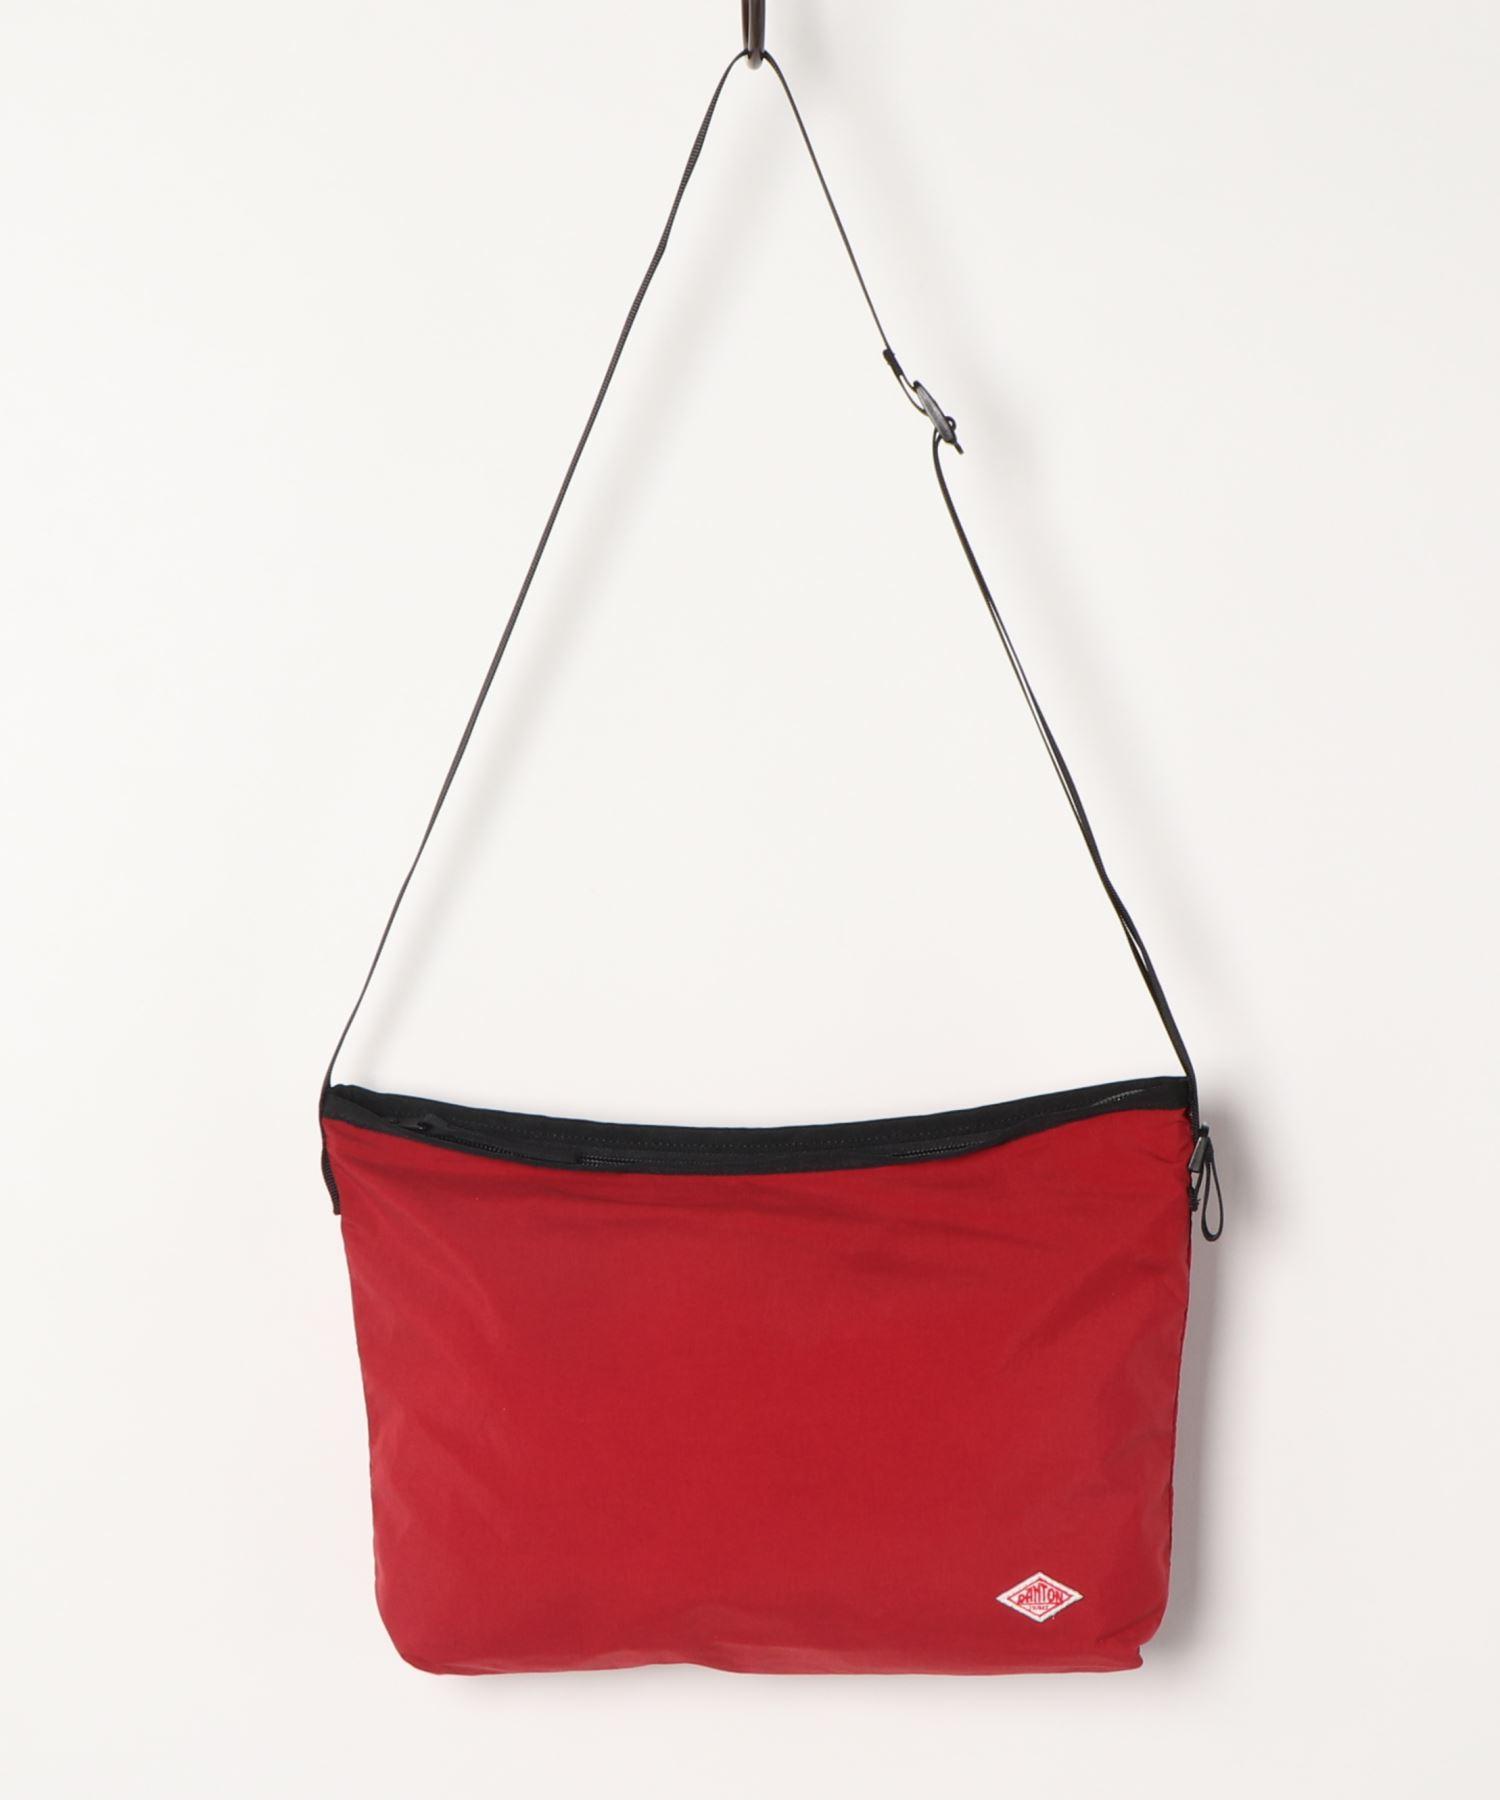 ダントン DANTON / ショルダーバッグ SHOULDER BAG